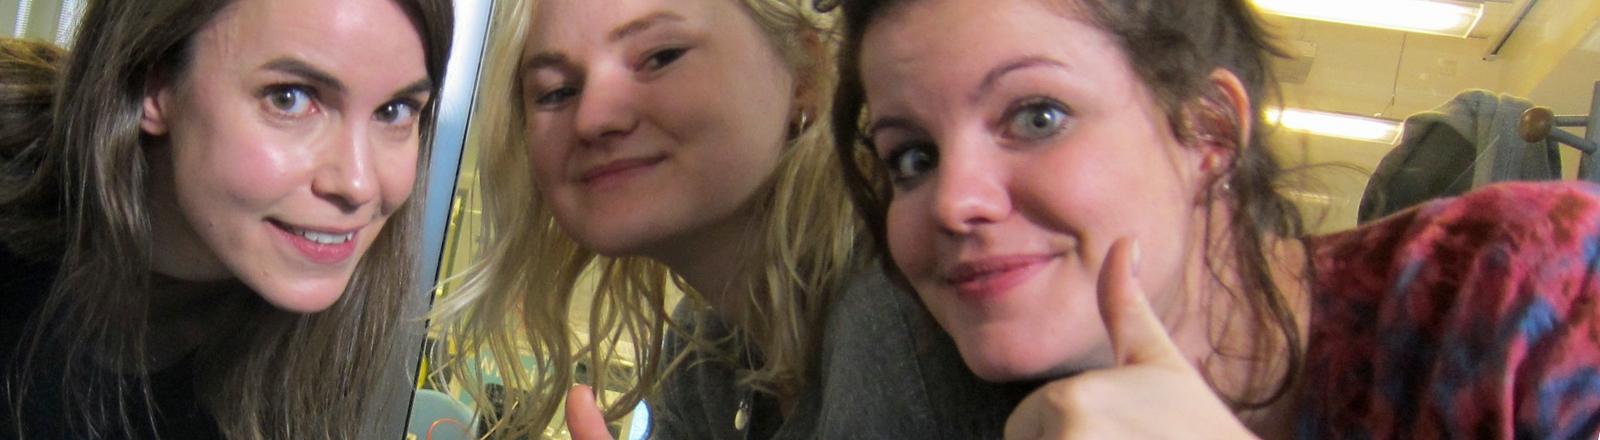 """Carlotta Cosials und Amber Grimbergen von der Bands """"Hinds"""" aus Madrid."""